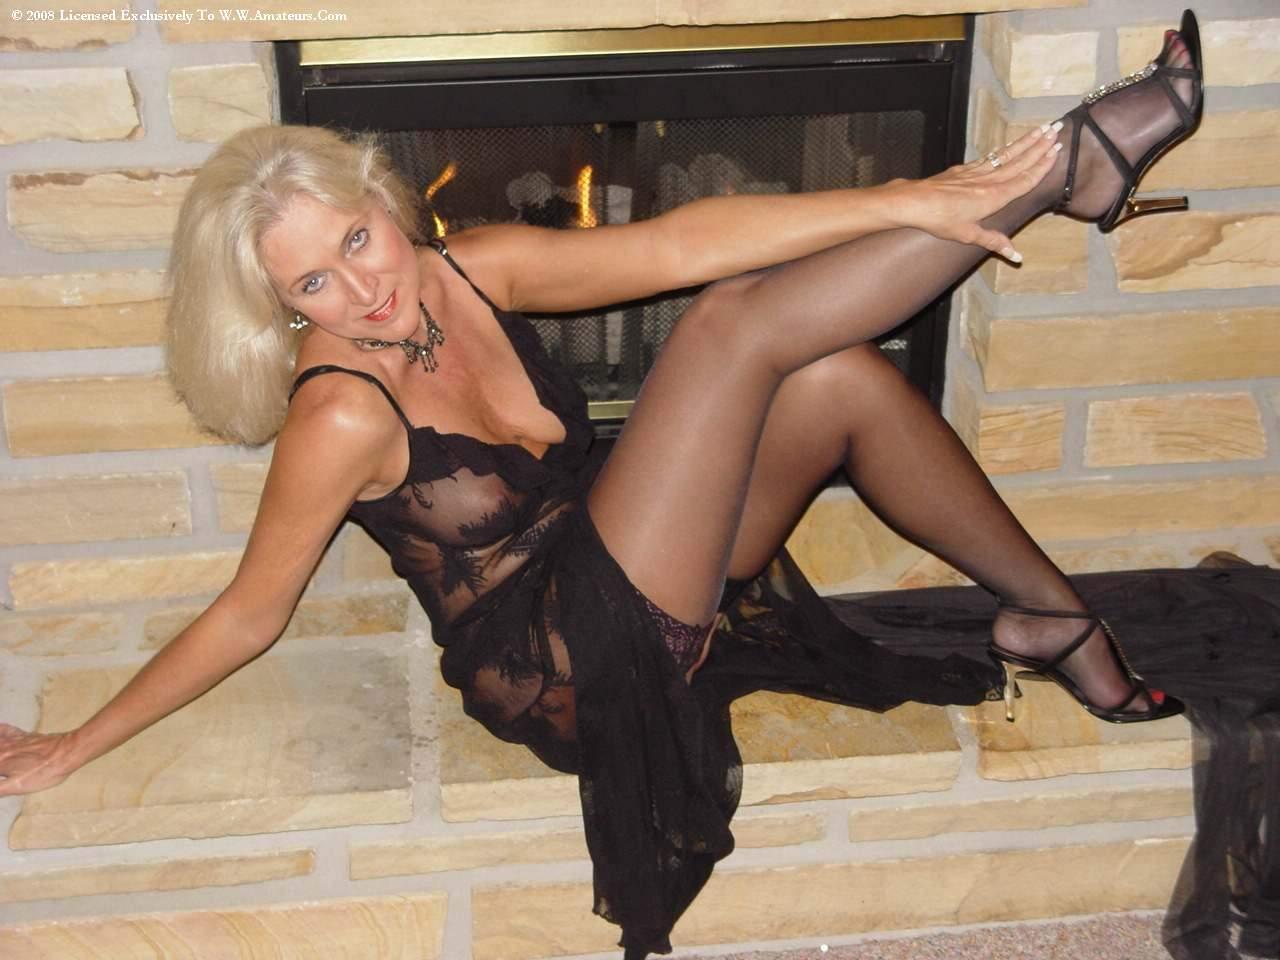 Стройные зрелые красивые женщины, Голые зрелые женщины - фото голых зрелых 19 фотография